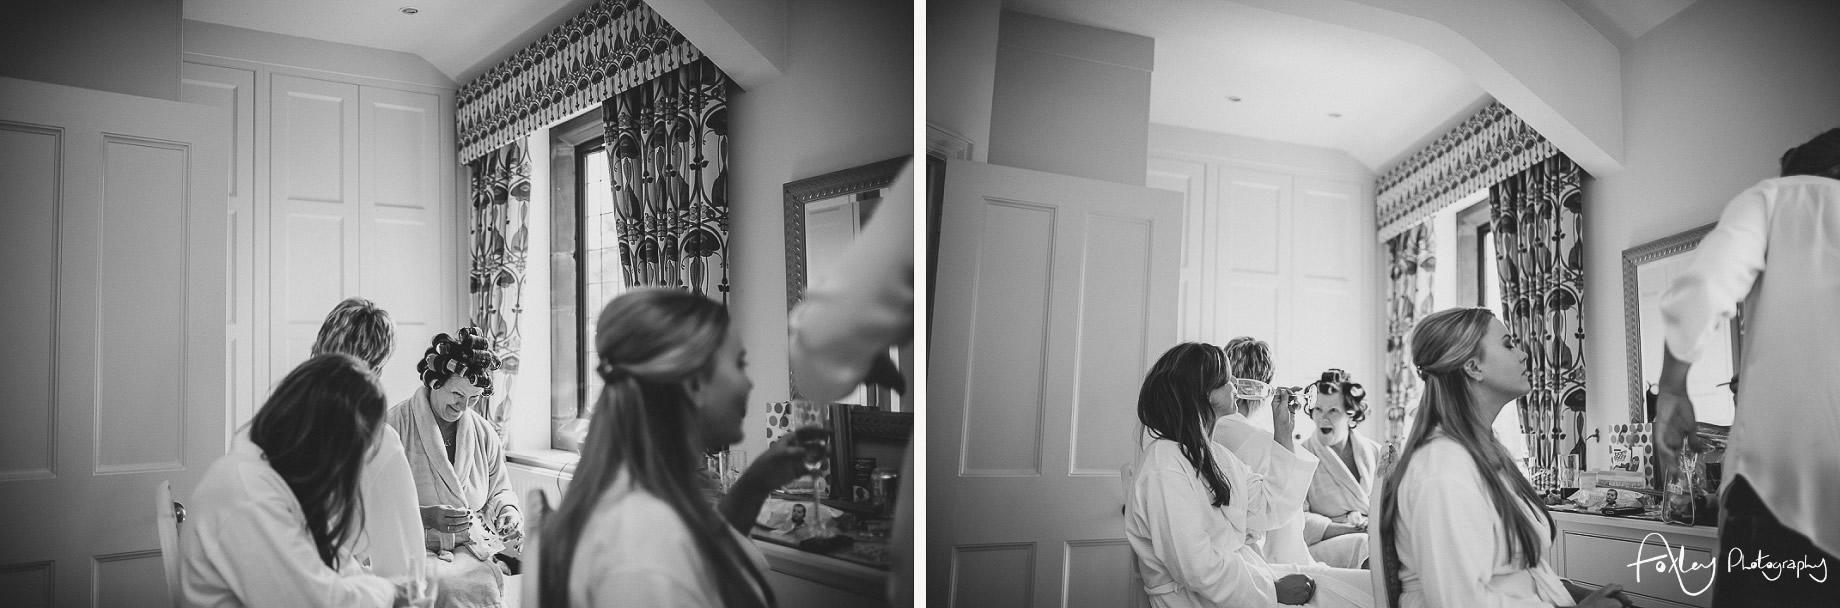 Simona-and-Robert-Wedding-at-Colshaw-Hall-031